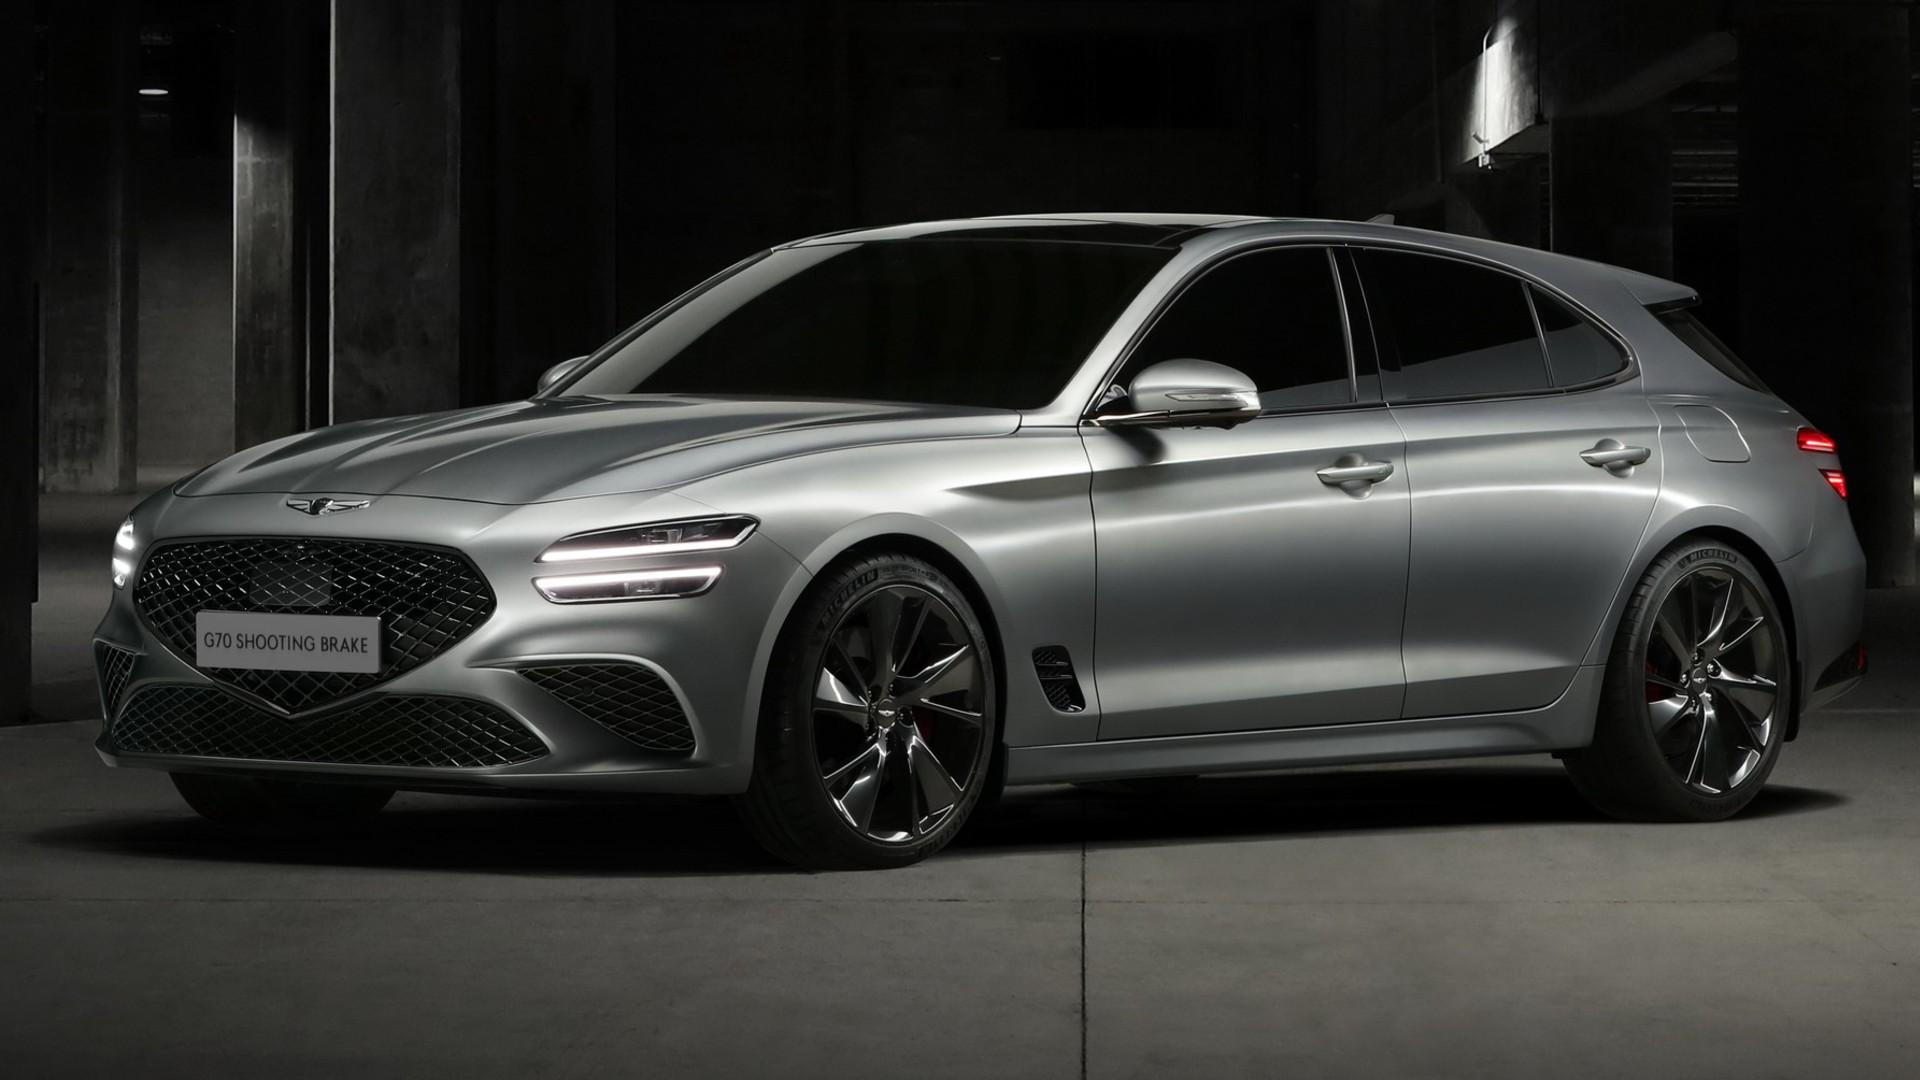 Genesis G70: Ένα από τα πρώτα πολυτελή αυτοκίνητα της Hyundai που θα δούμε στην Ευρώπη